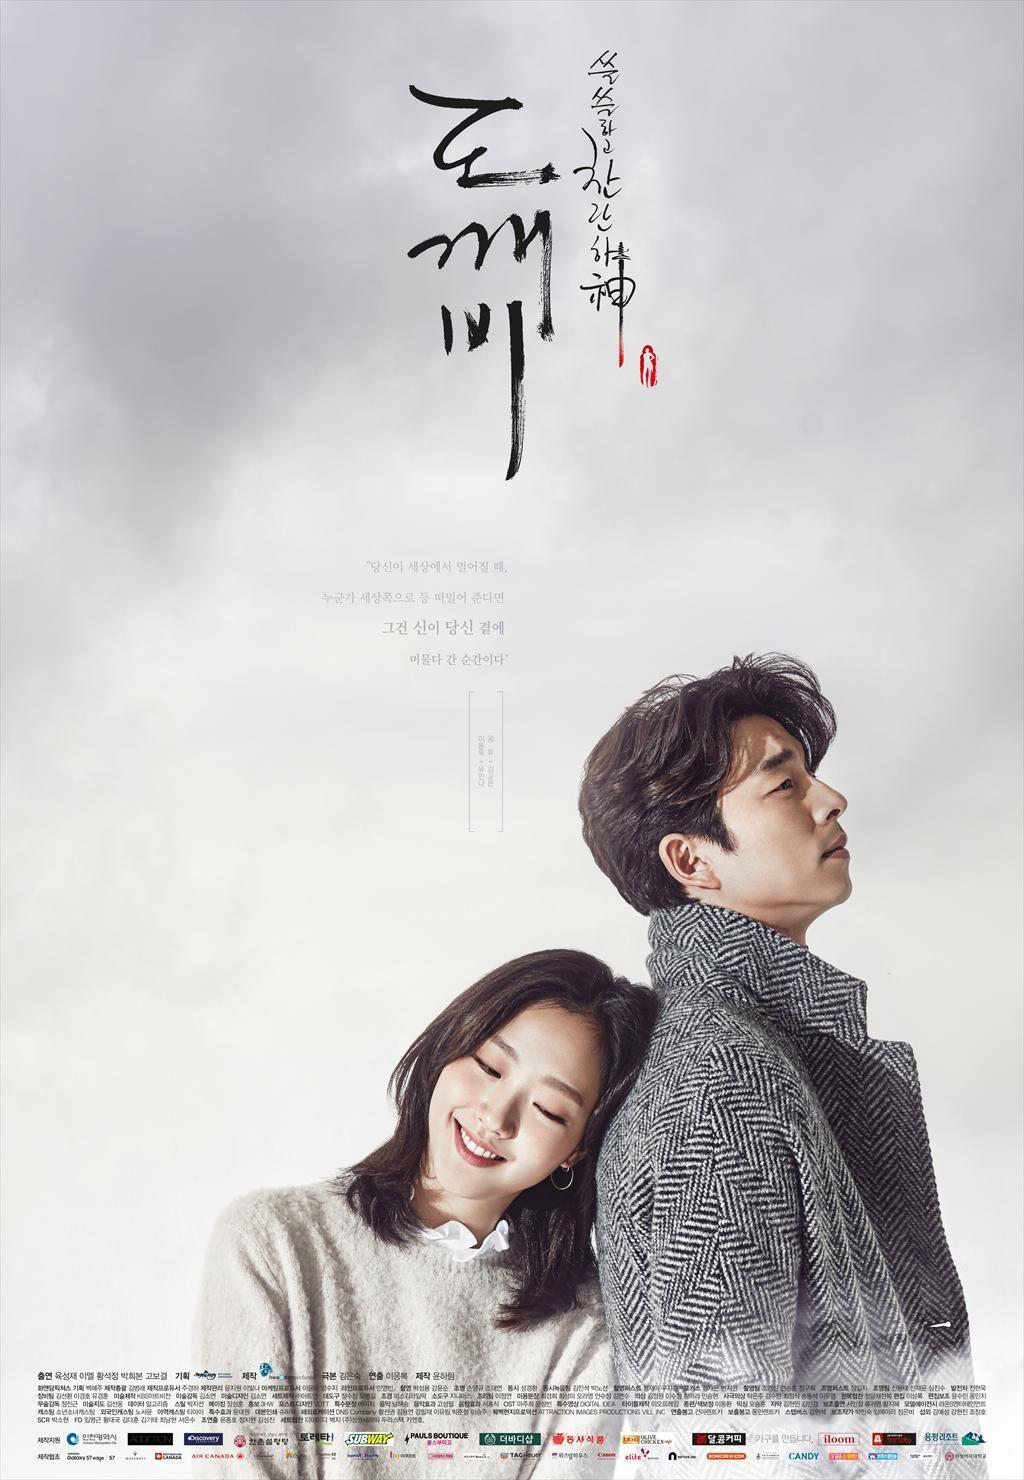 Những bộ phim truyền hình Hàn Quốc đáng xem nhất suốt một thập kỷ qua - Ảnh 10